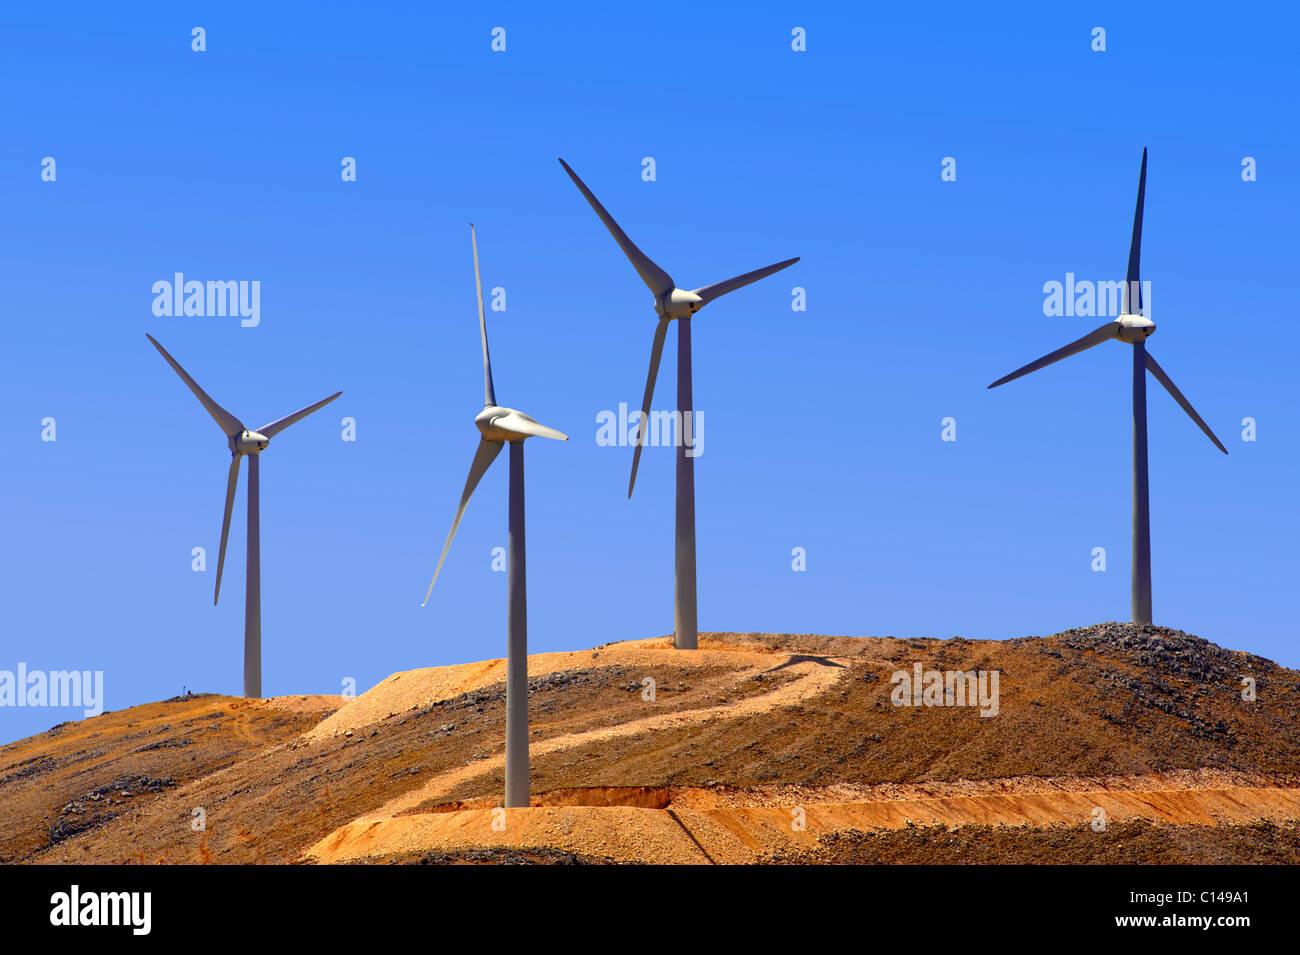 Parc éolien sur Céphalonie, îles Ioniennes, Grèce. Photo Stock